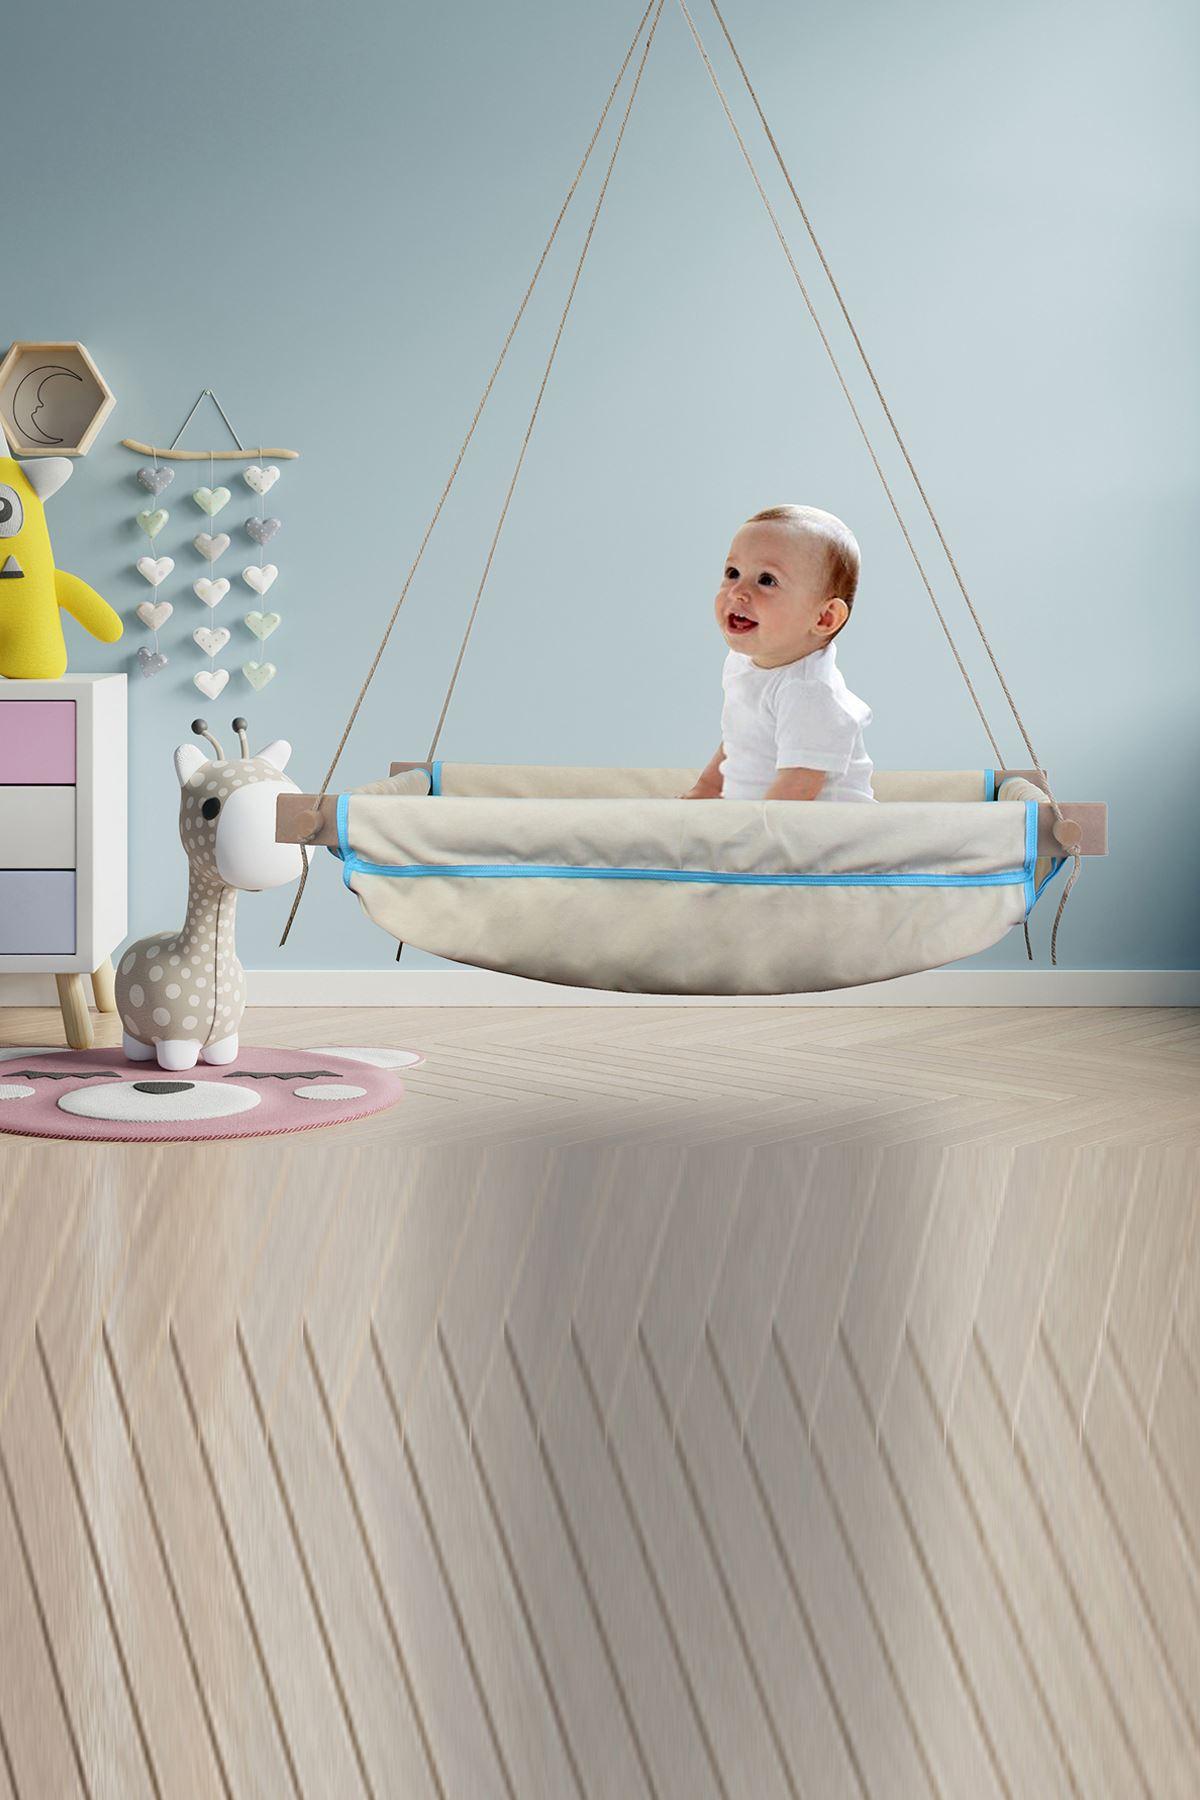 Bundera Wise Mavi Ahşap Yaylı Bebek Beşik Salıncak Hamağı